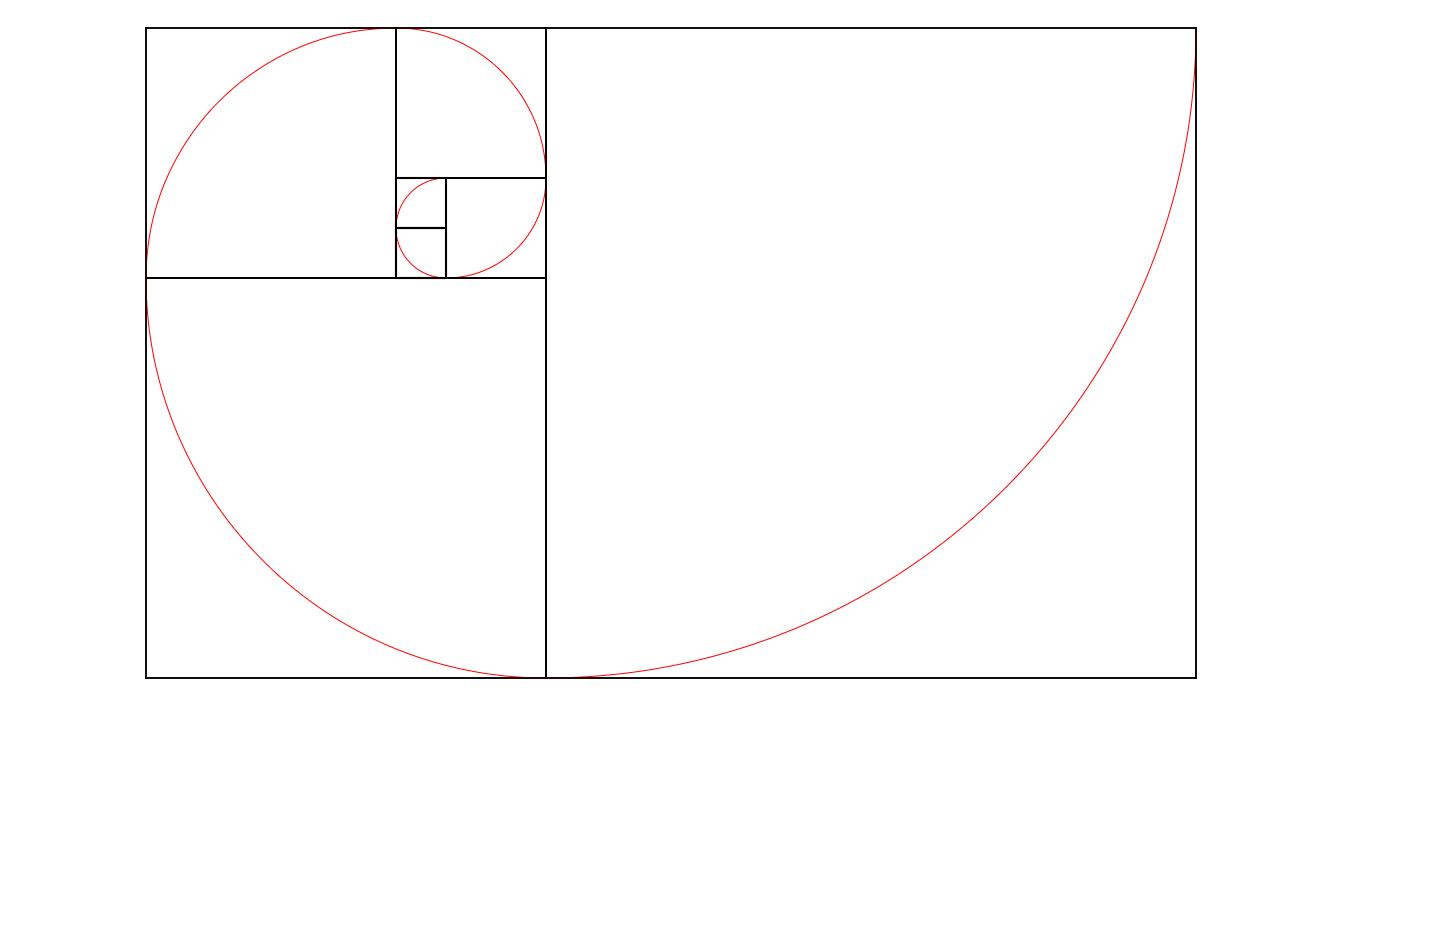 7.5 Fibonacci